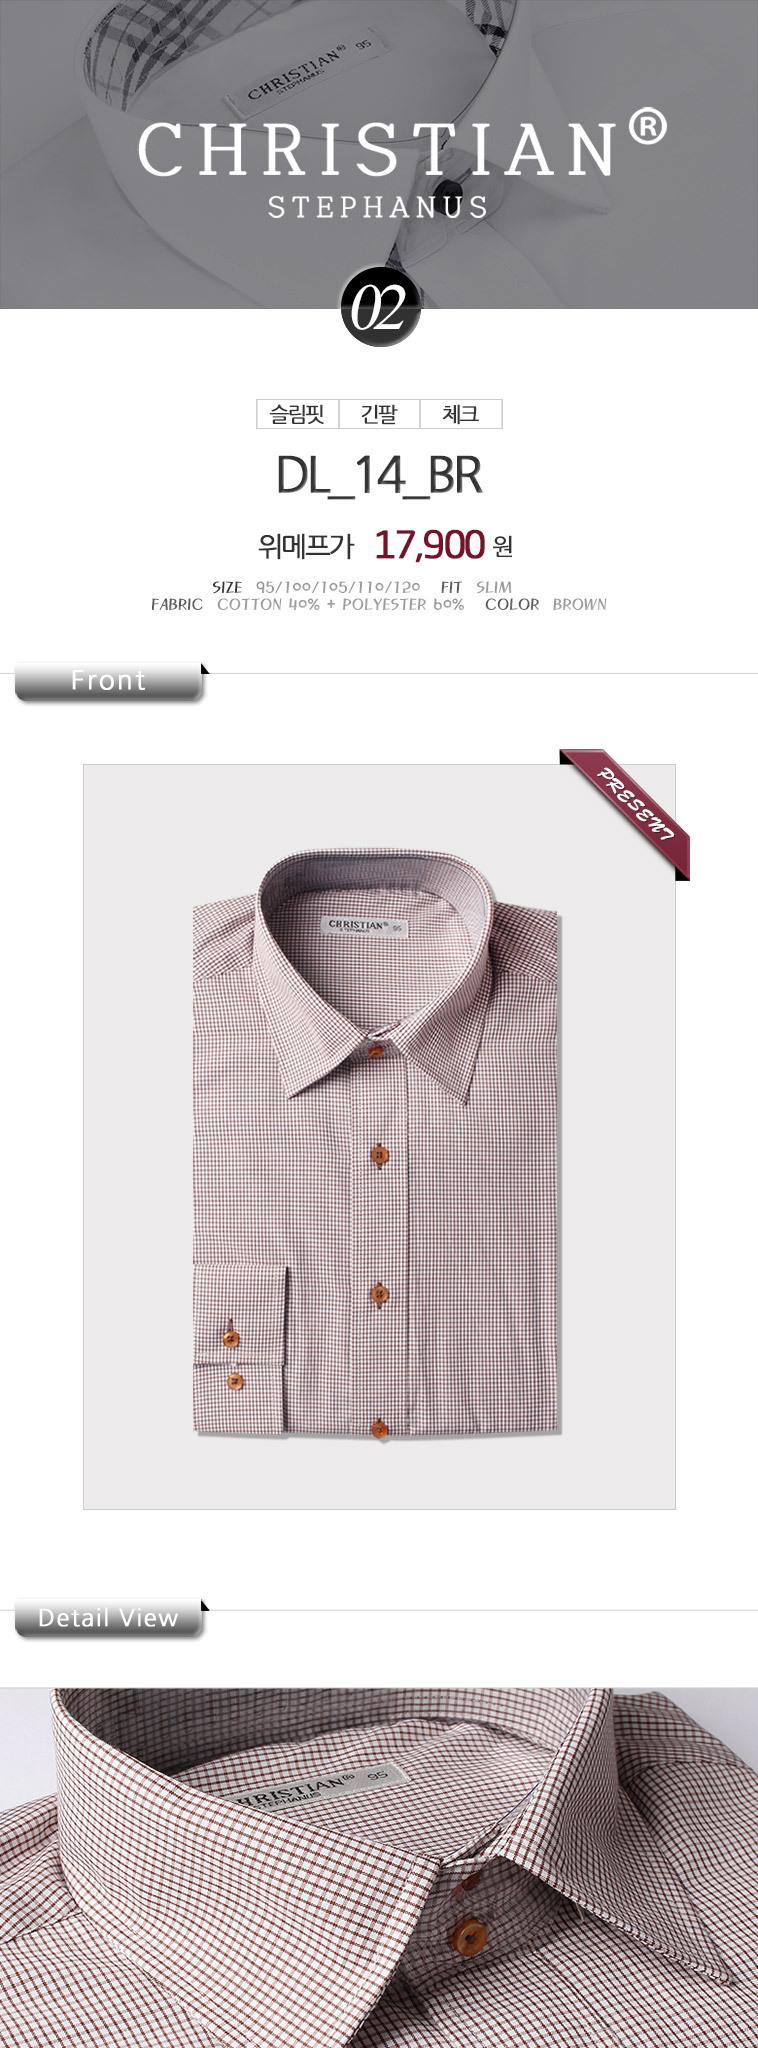 [마이컬러] 브라운 남성 슬림핏 셔츠 - 상세정보